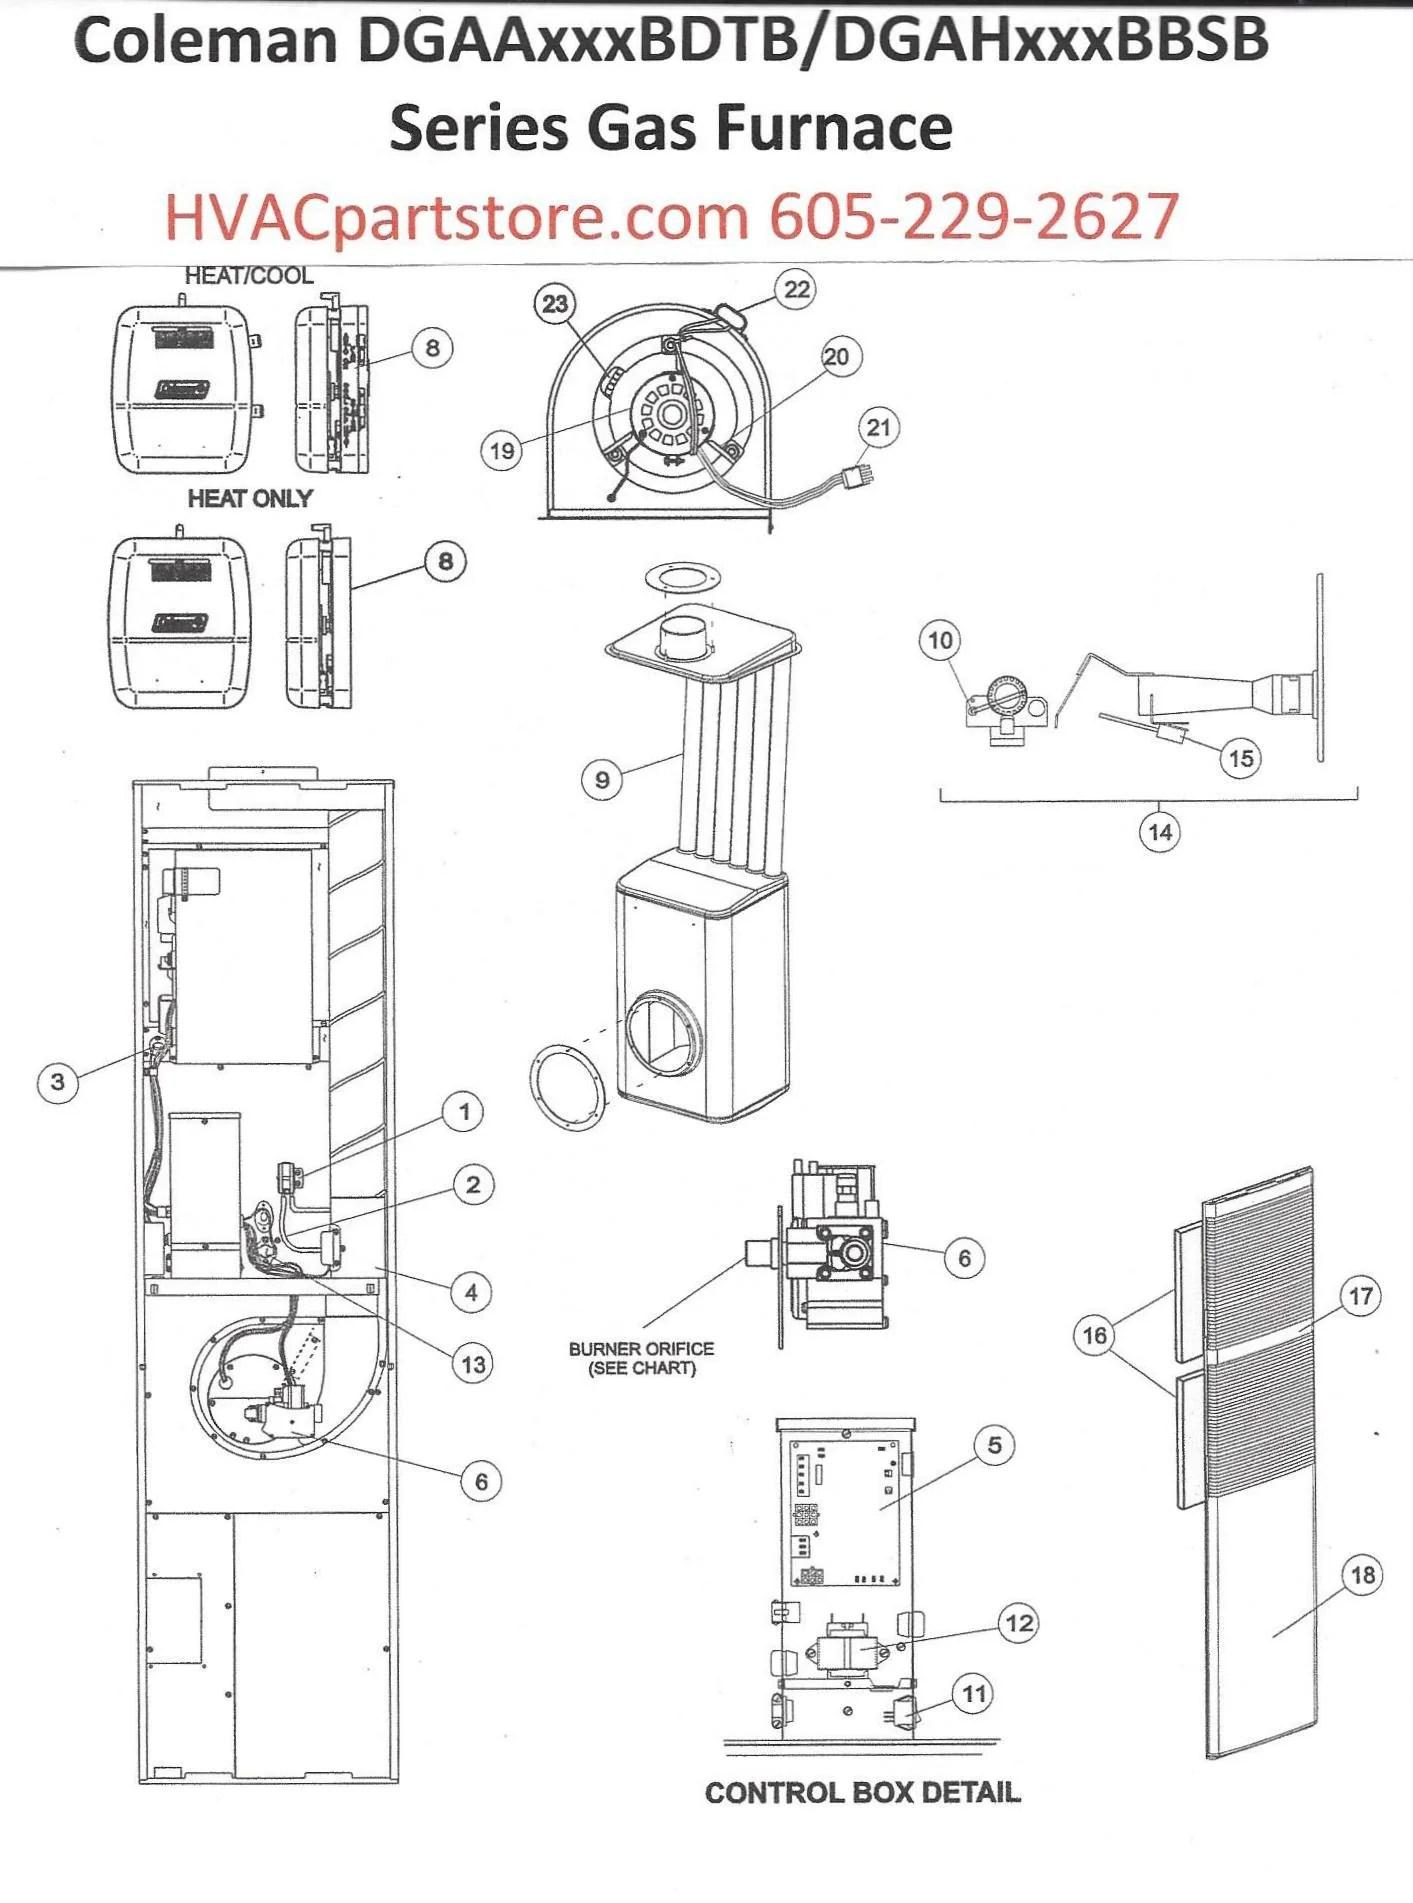 DGAA056BDTB Coleman Gas Furnace Parts  HVACpartstore